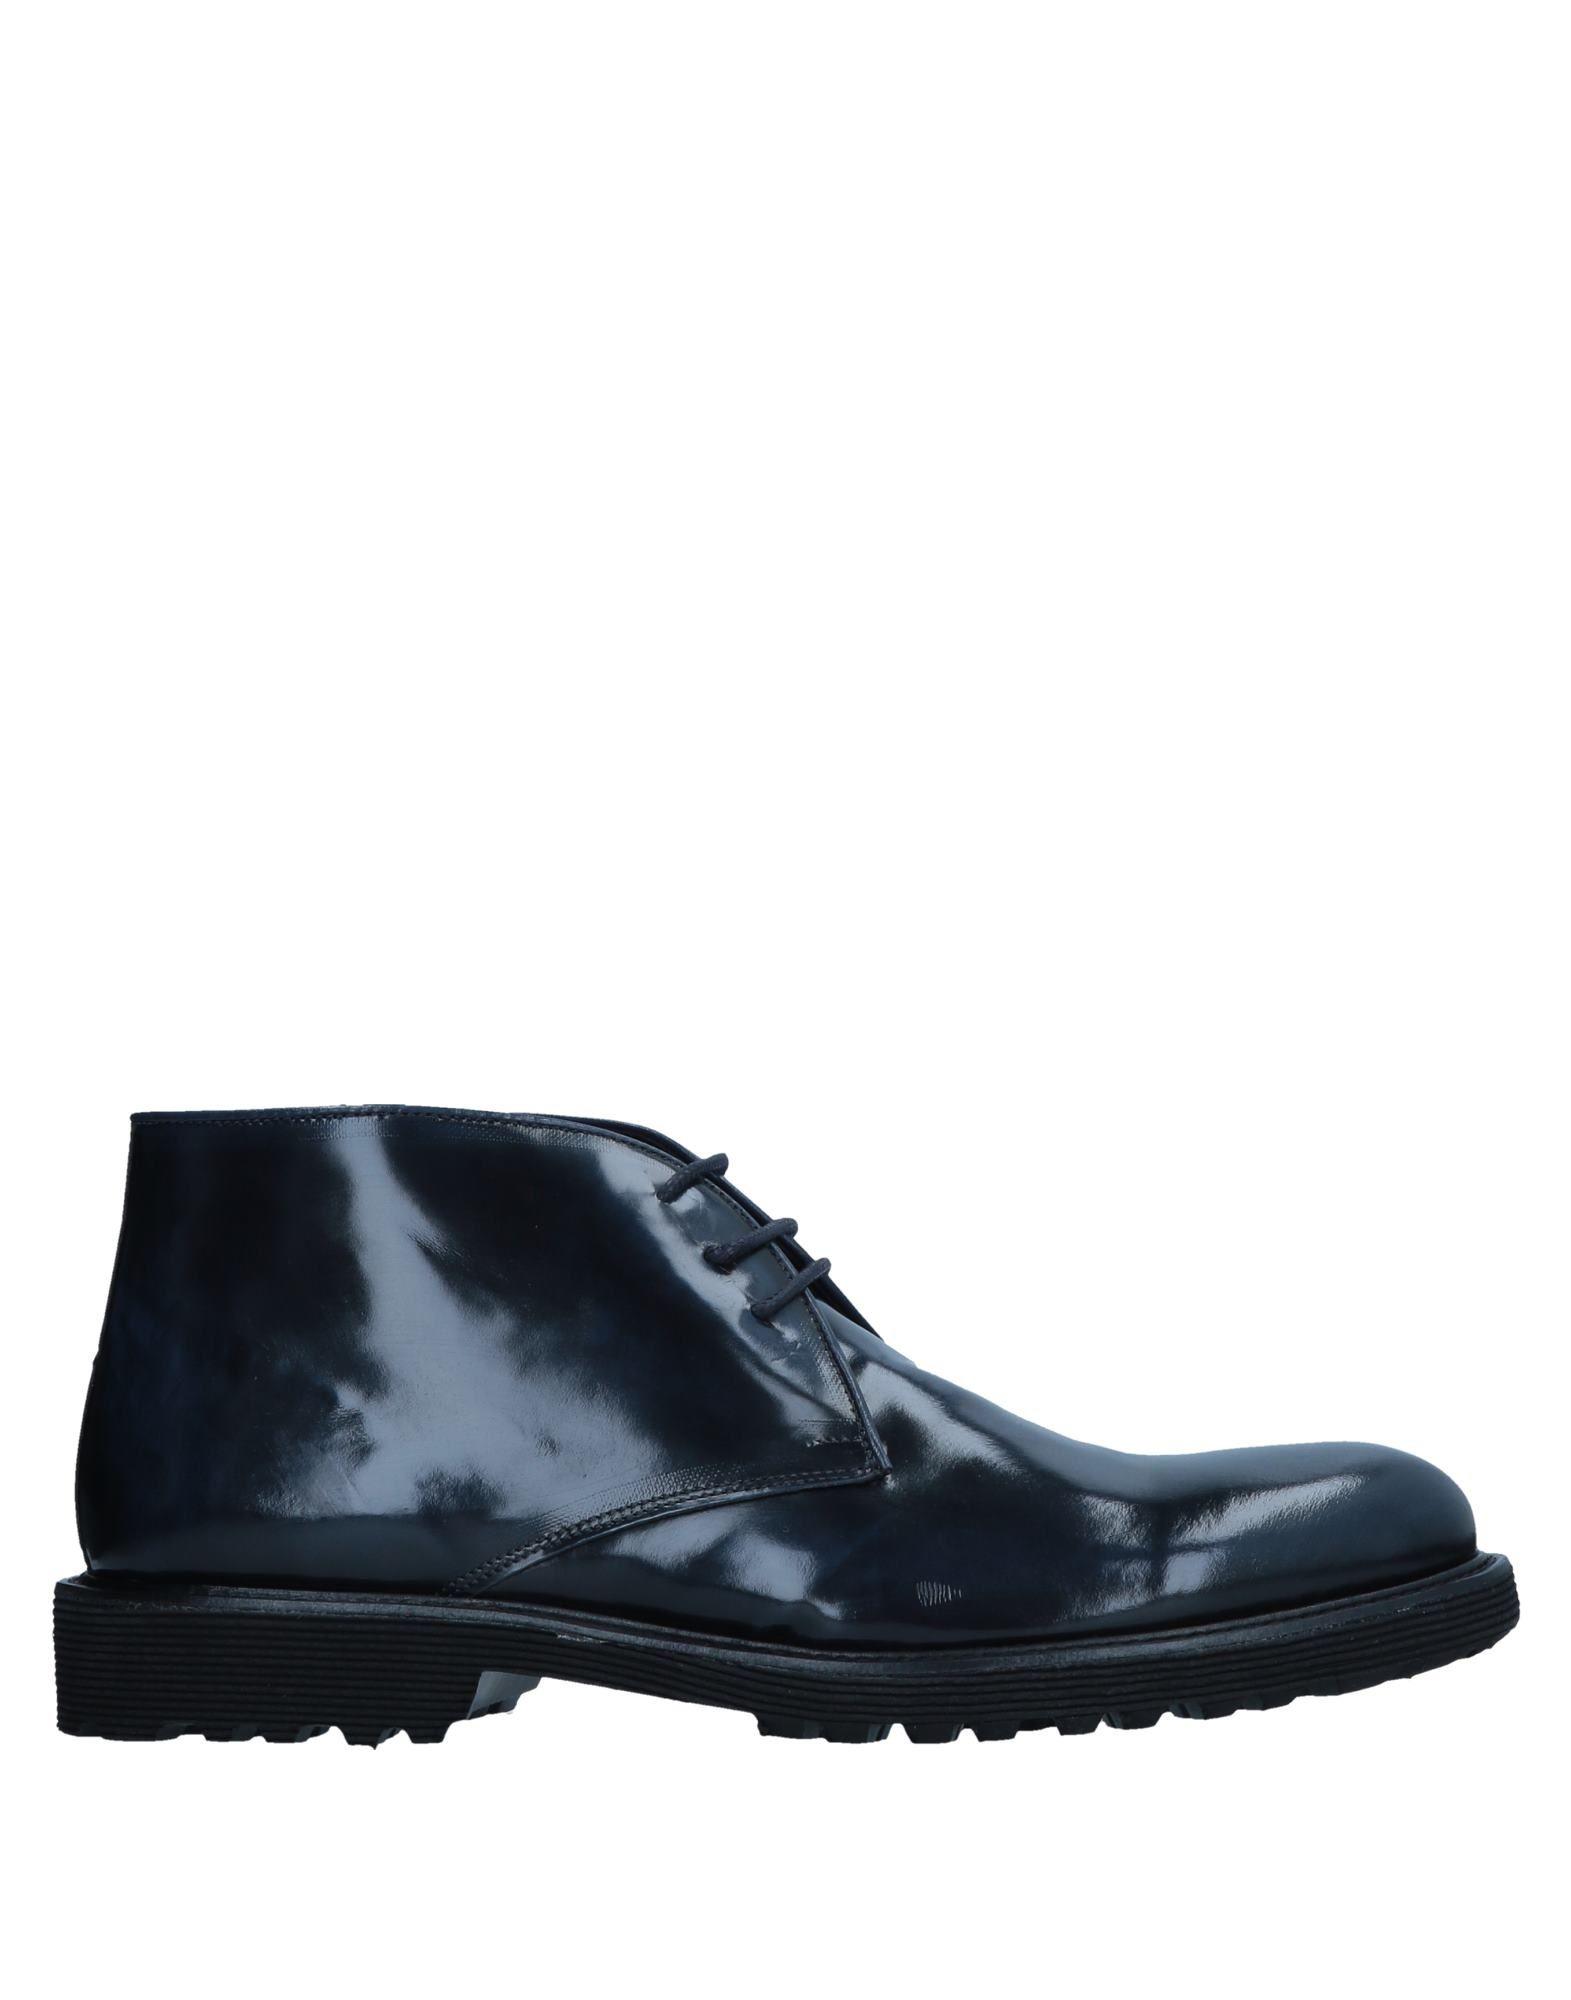 Henry Smith Stiefelette Herren  11552356WI Gute Qualität beliebte Schuhe